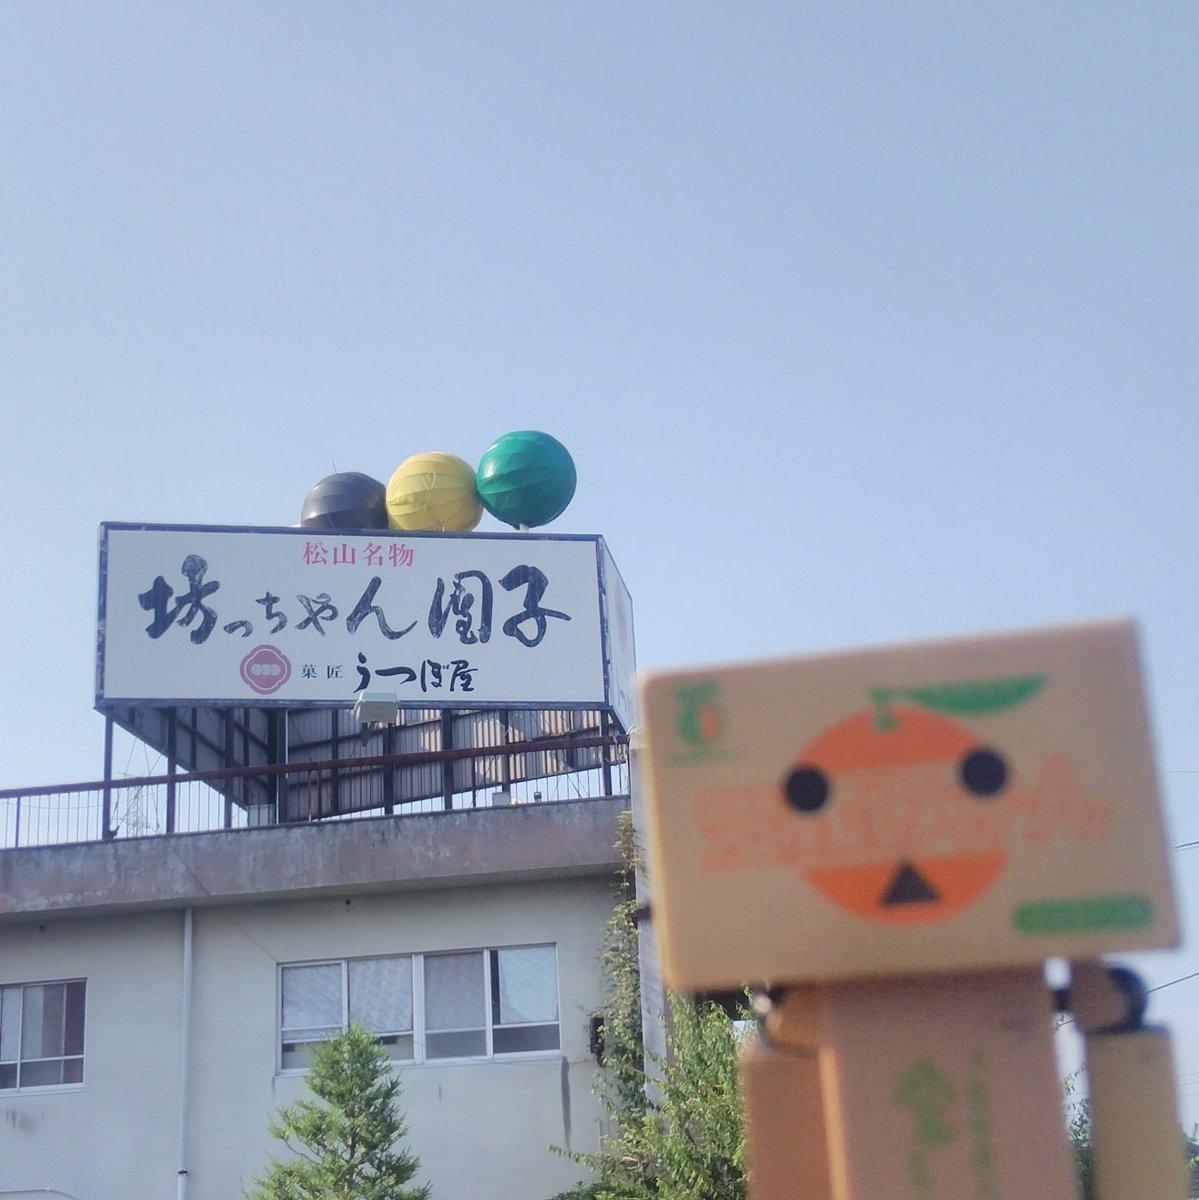 test ツイッターメディア - うつぼ屋の巨大坊っちゃん団子を間近で撮影しました。 敷地内には入ってません。  #うつぼ屋 #松山市 #ダンボー https://t.co/BOCeaBY47h